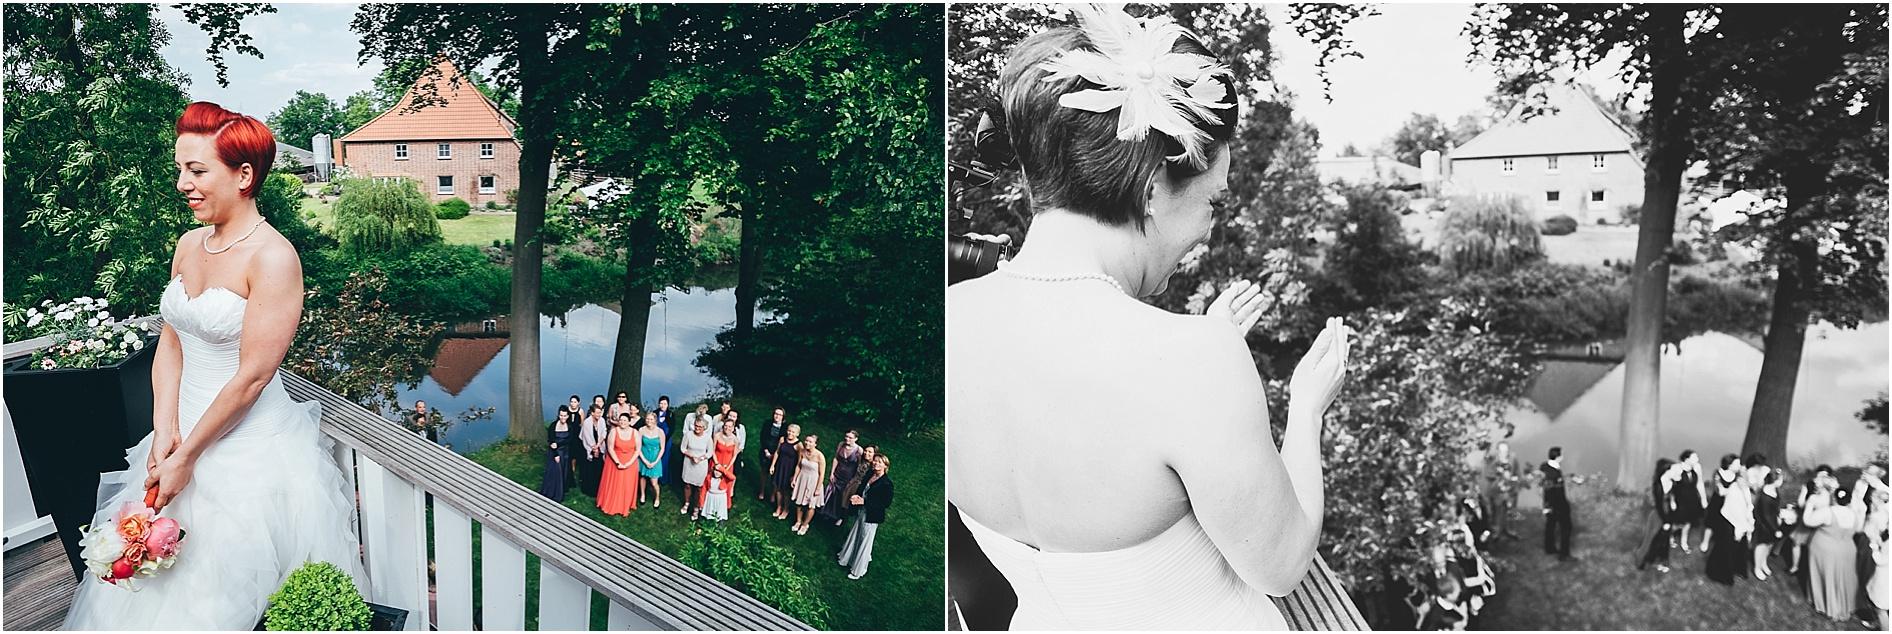 2015-10-27_0069 Tine & Chrischan - Hochzeitsfilm & Fotos in Lüneburg